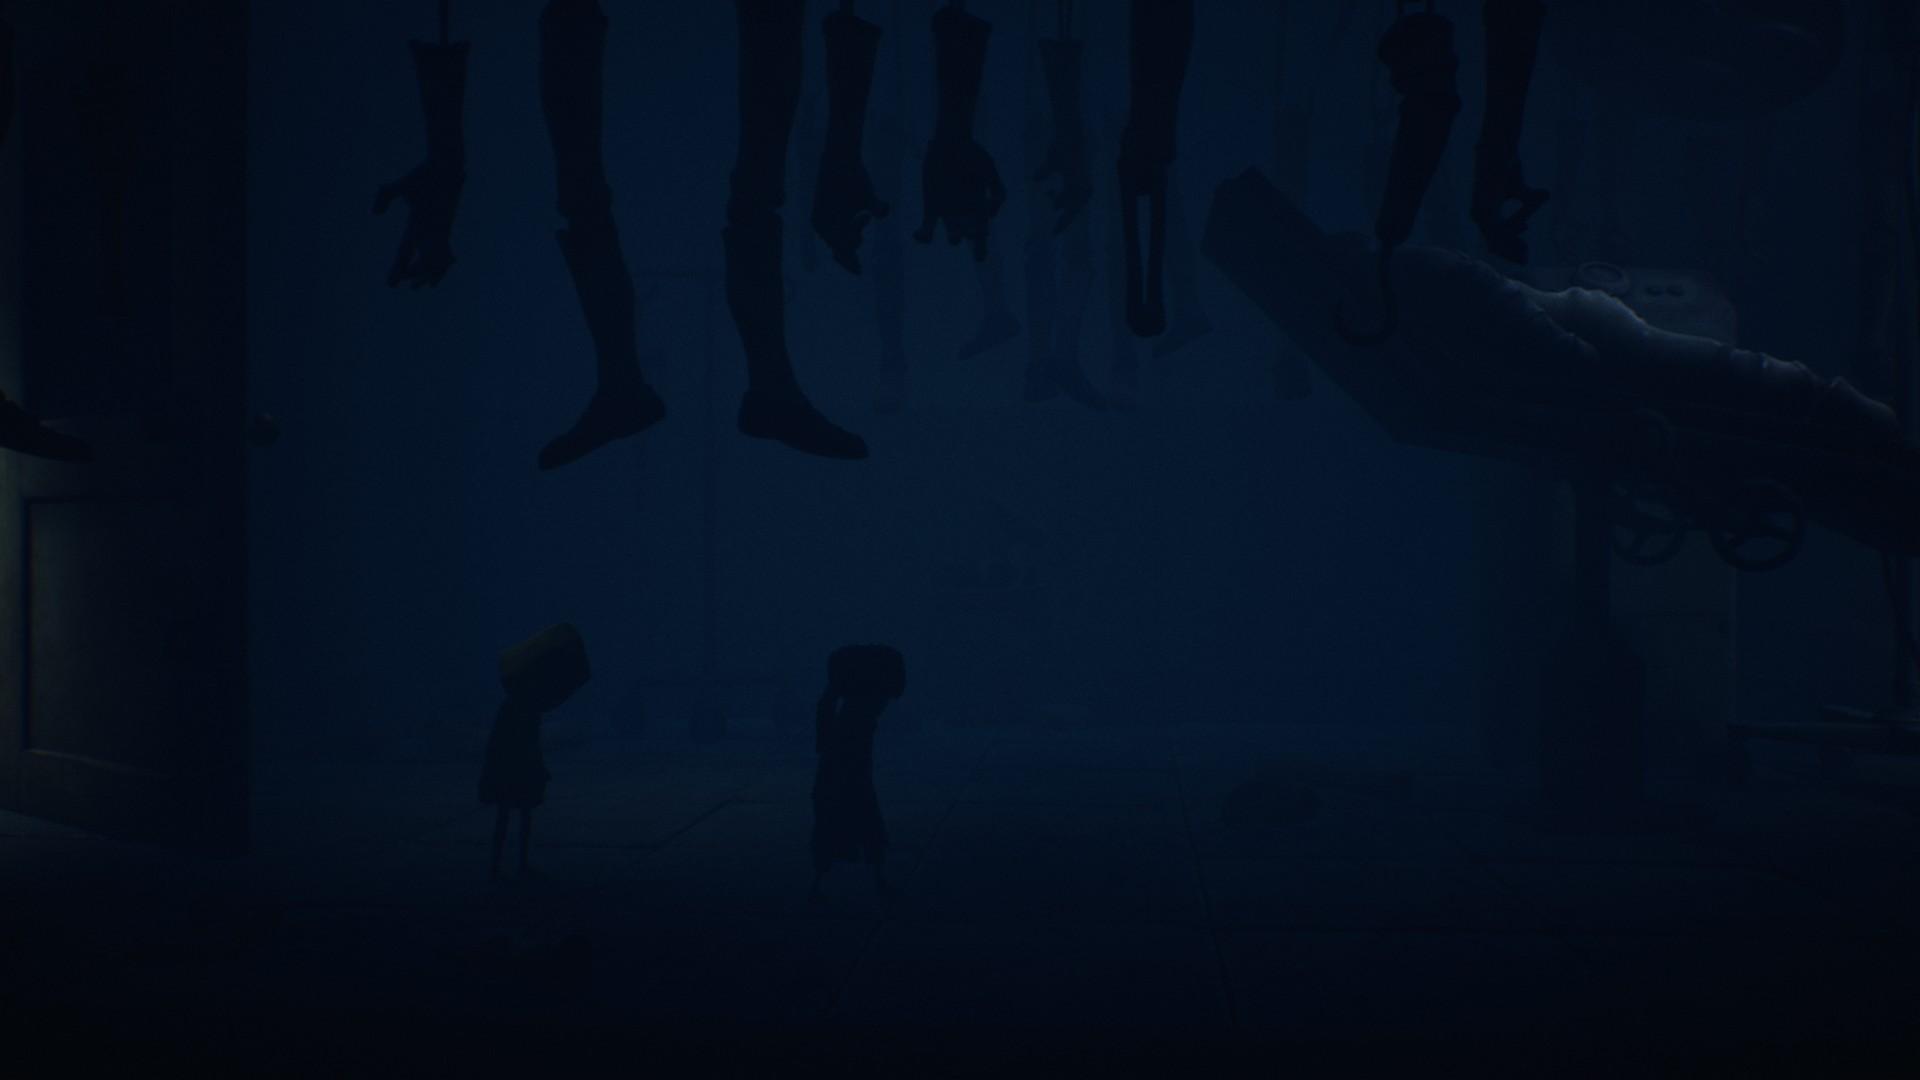 مراجعة Little Nightmares 2 كوابيس صغيرة 2